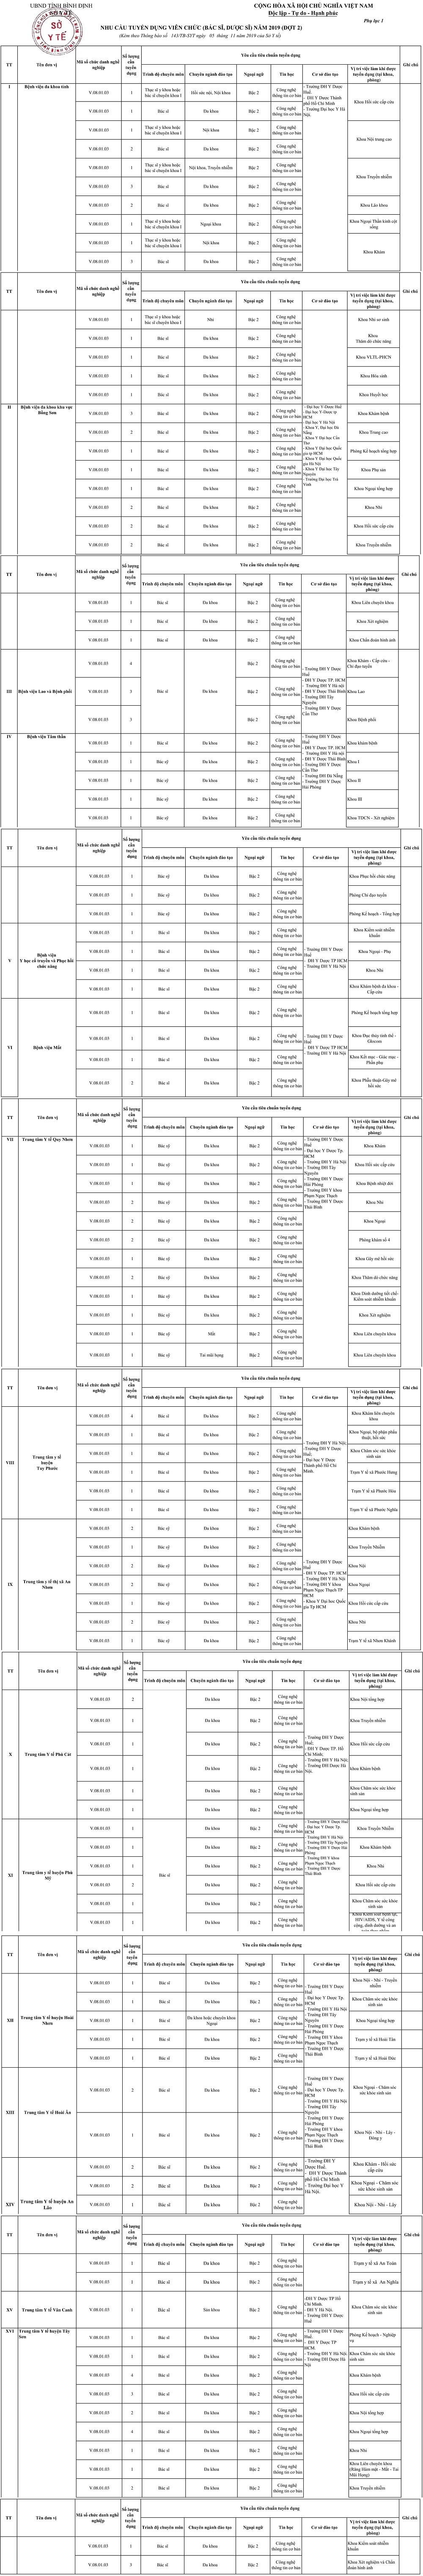 Sở Y tế Bình Định tuyển dụng viên chức năm 2019 (đợt 2)